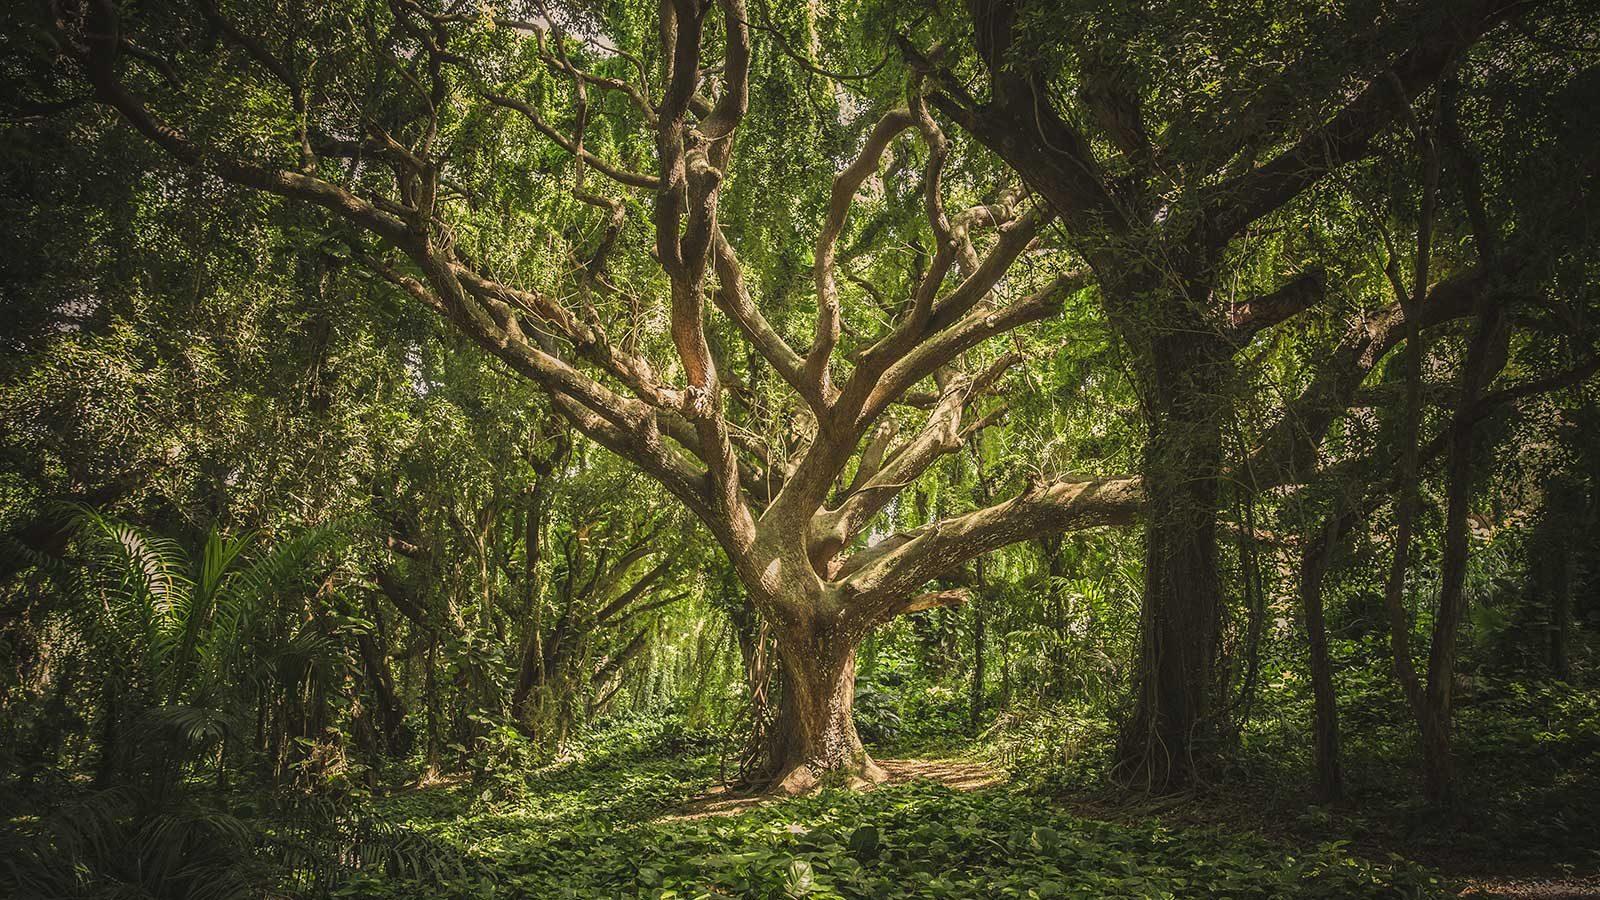 Pjesme drveća: biologova lirska oda o odnosima koji tkaju tkanje života